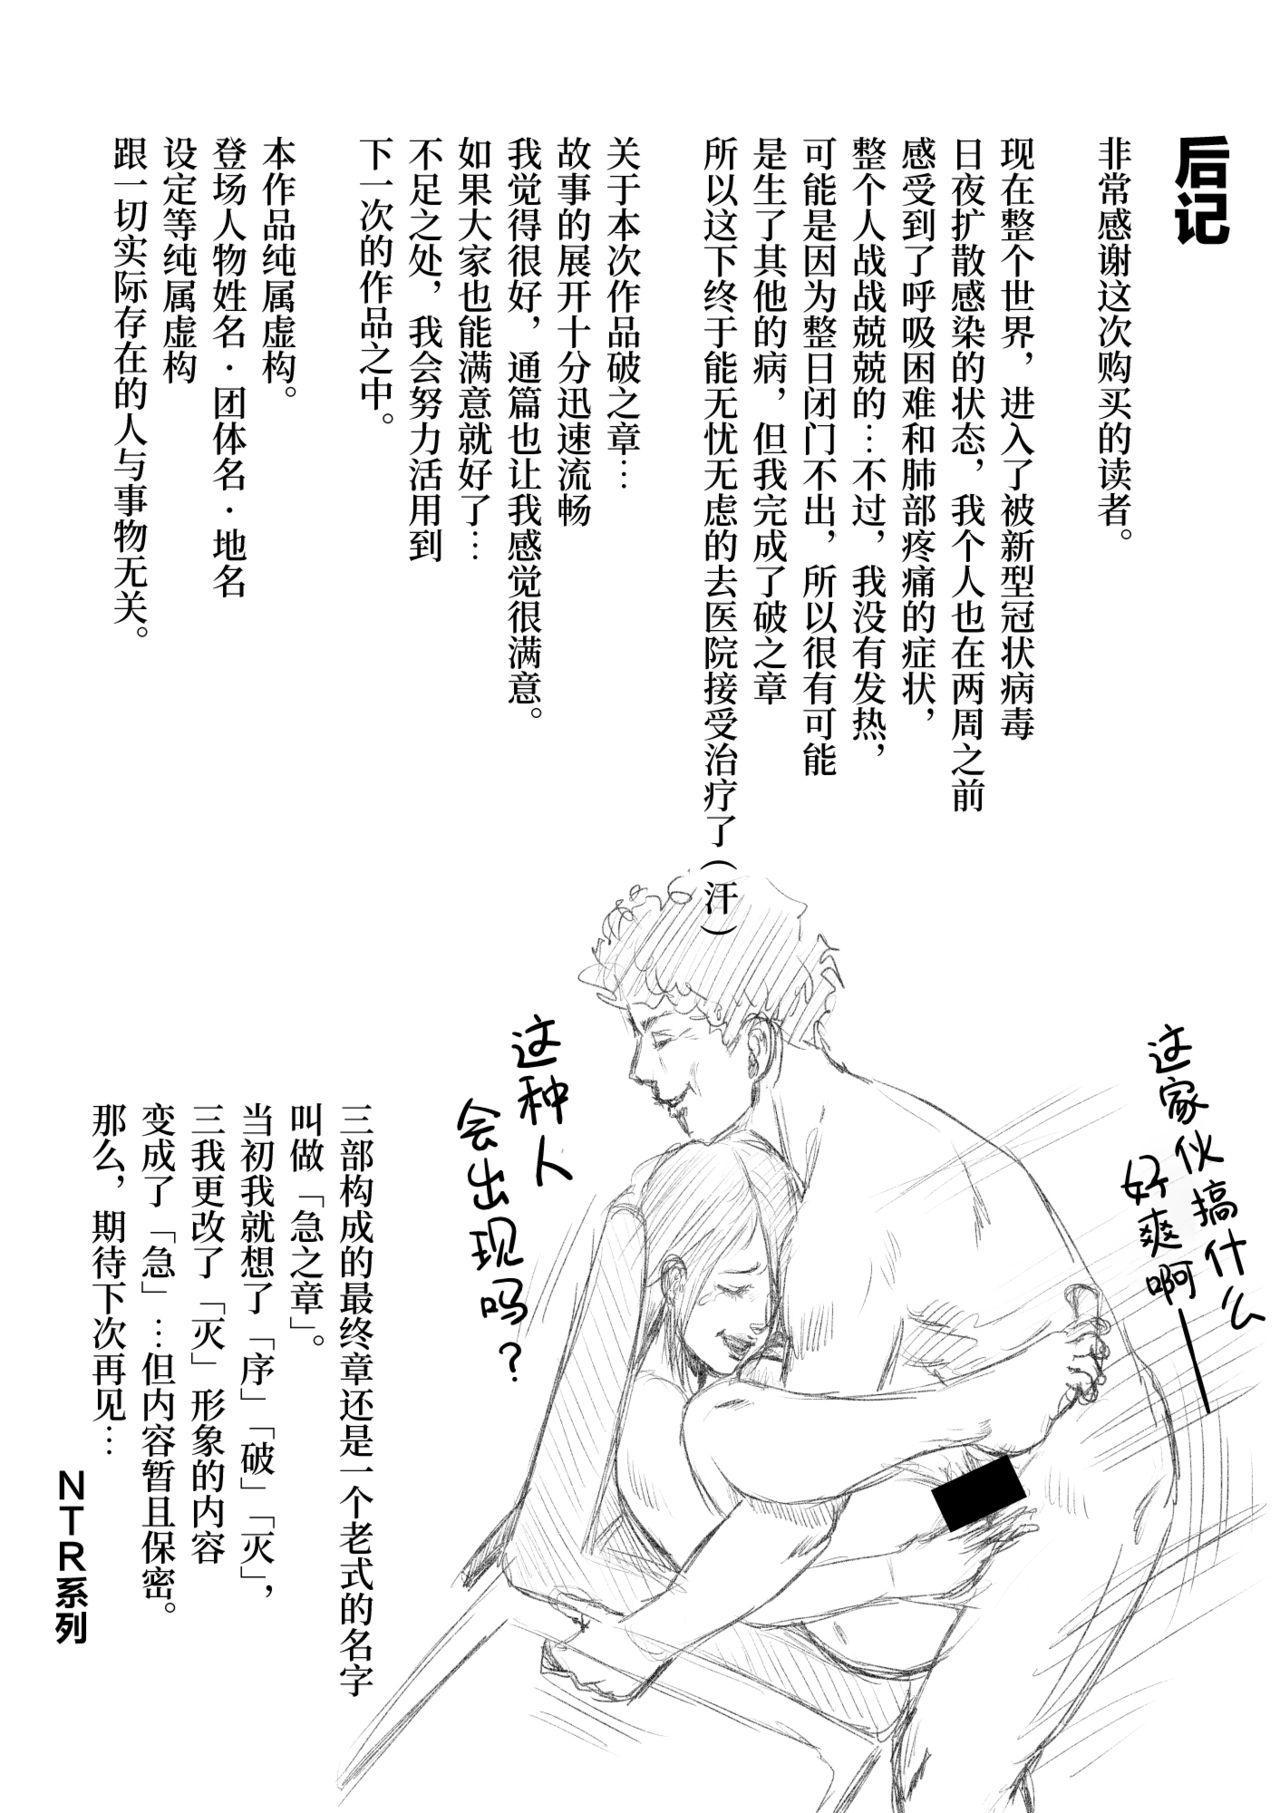 Akasuri Yubana no Chizuru-san Ha no Shou 48